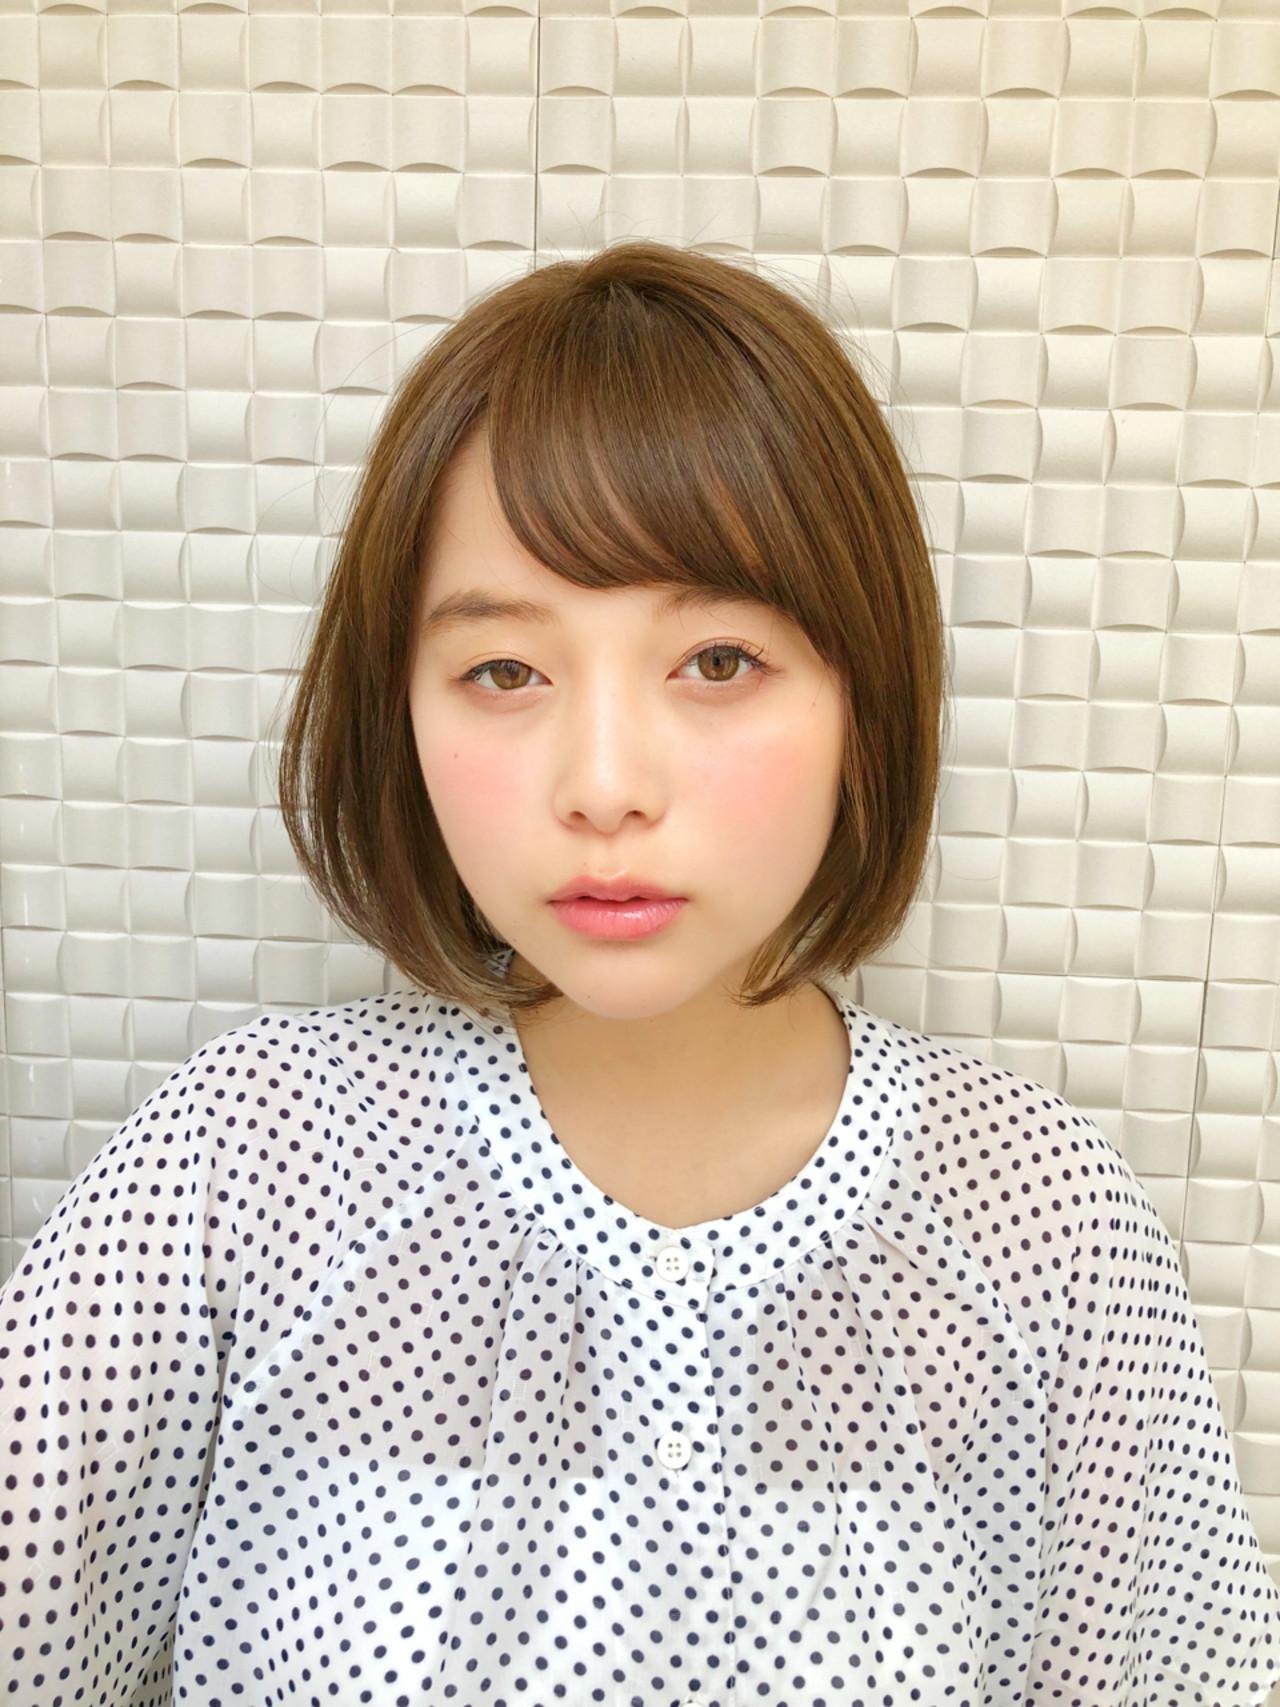 丸顔さんにおすすめ♪流し前髪の愛されボブヘア [新宿]内田航 柔らかストレートとミディアムボブ